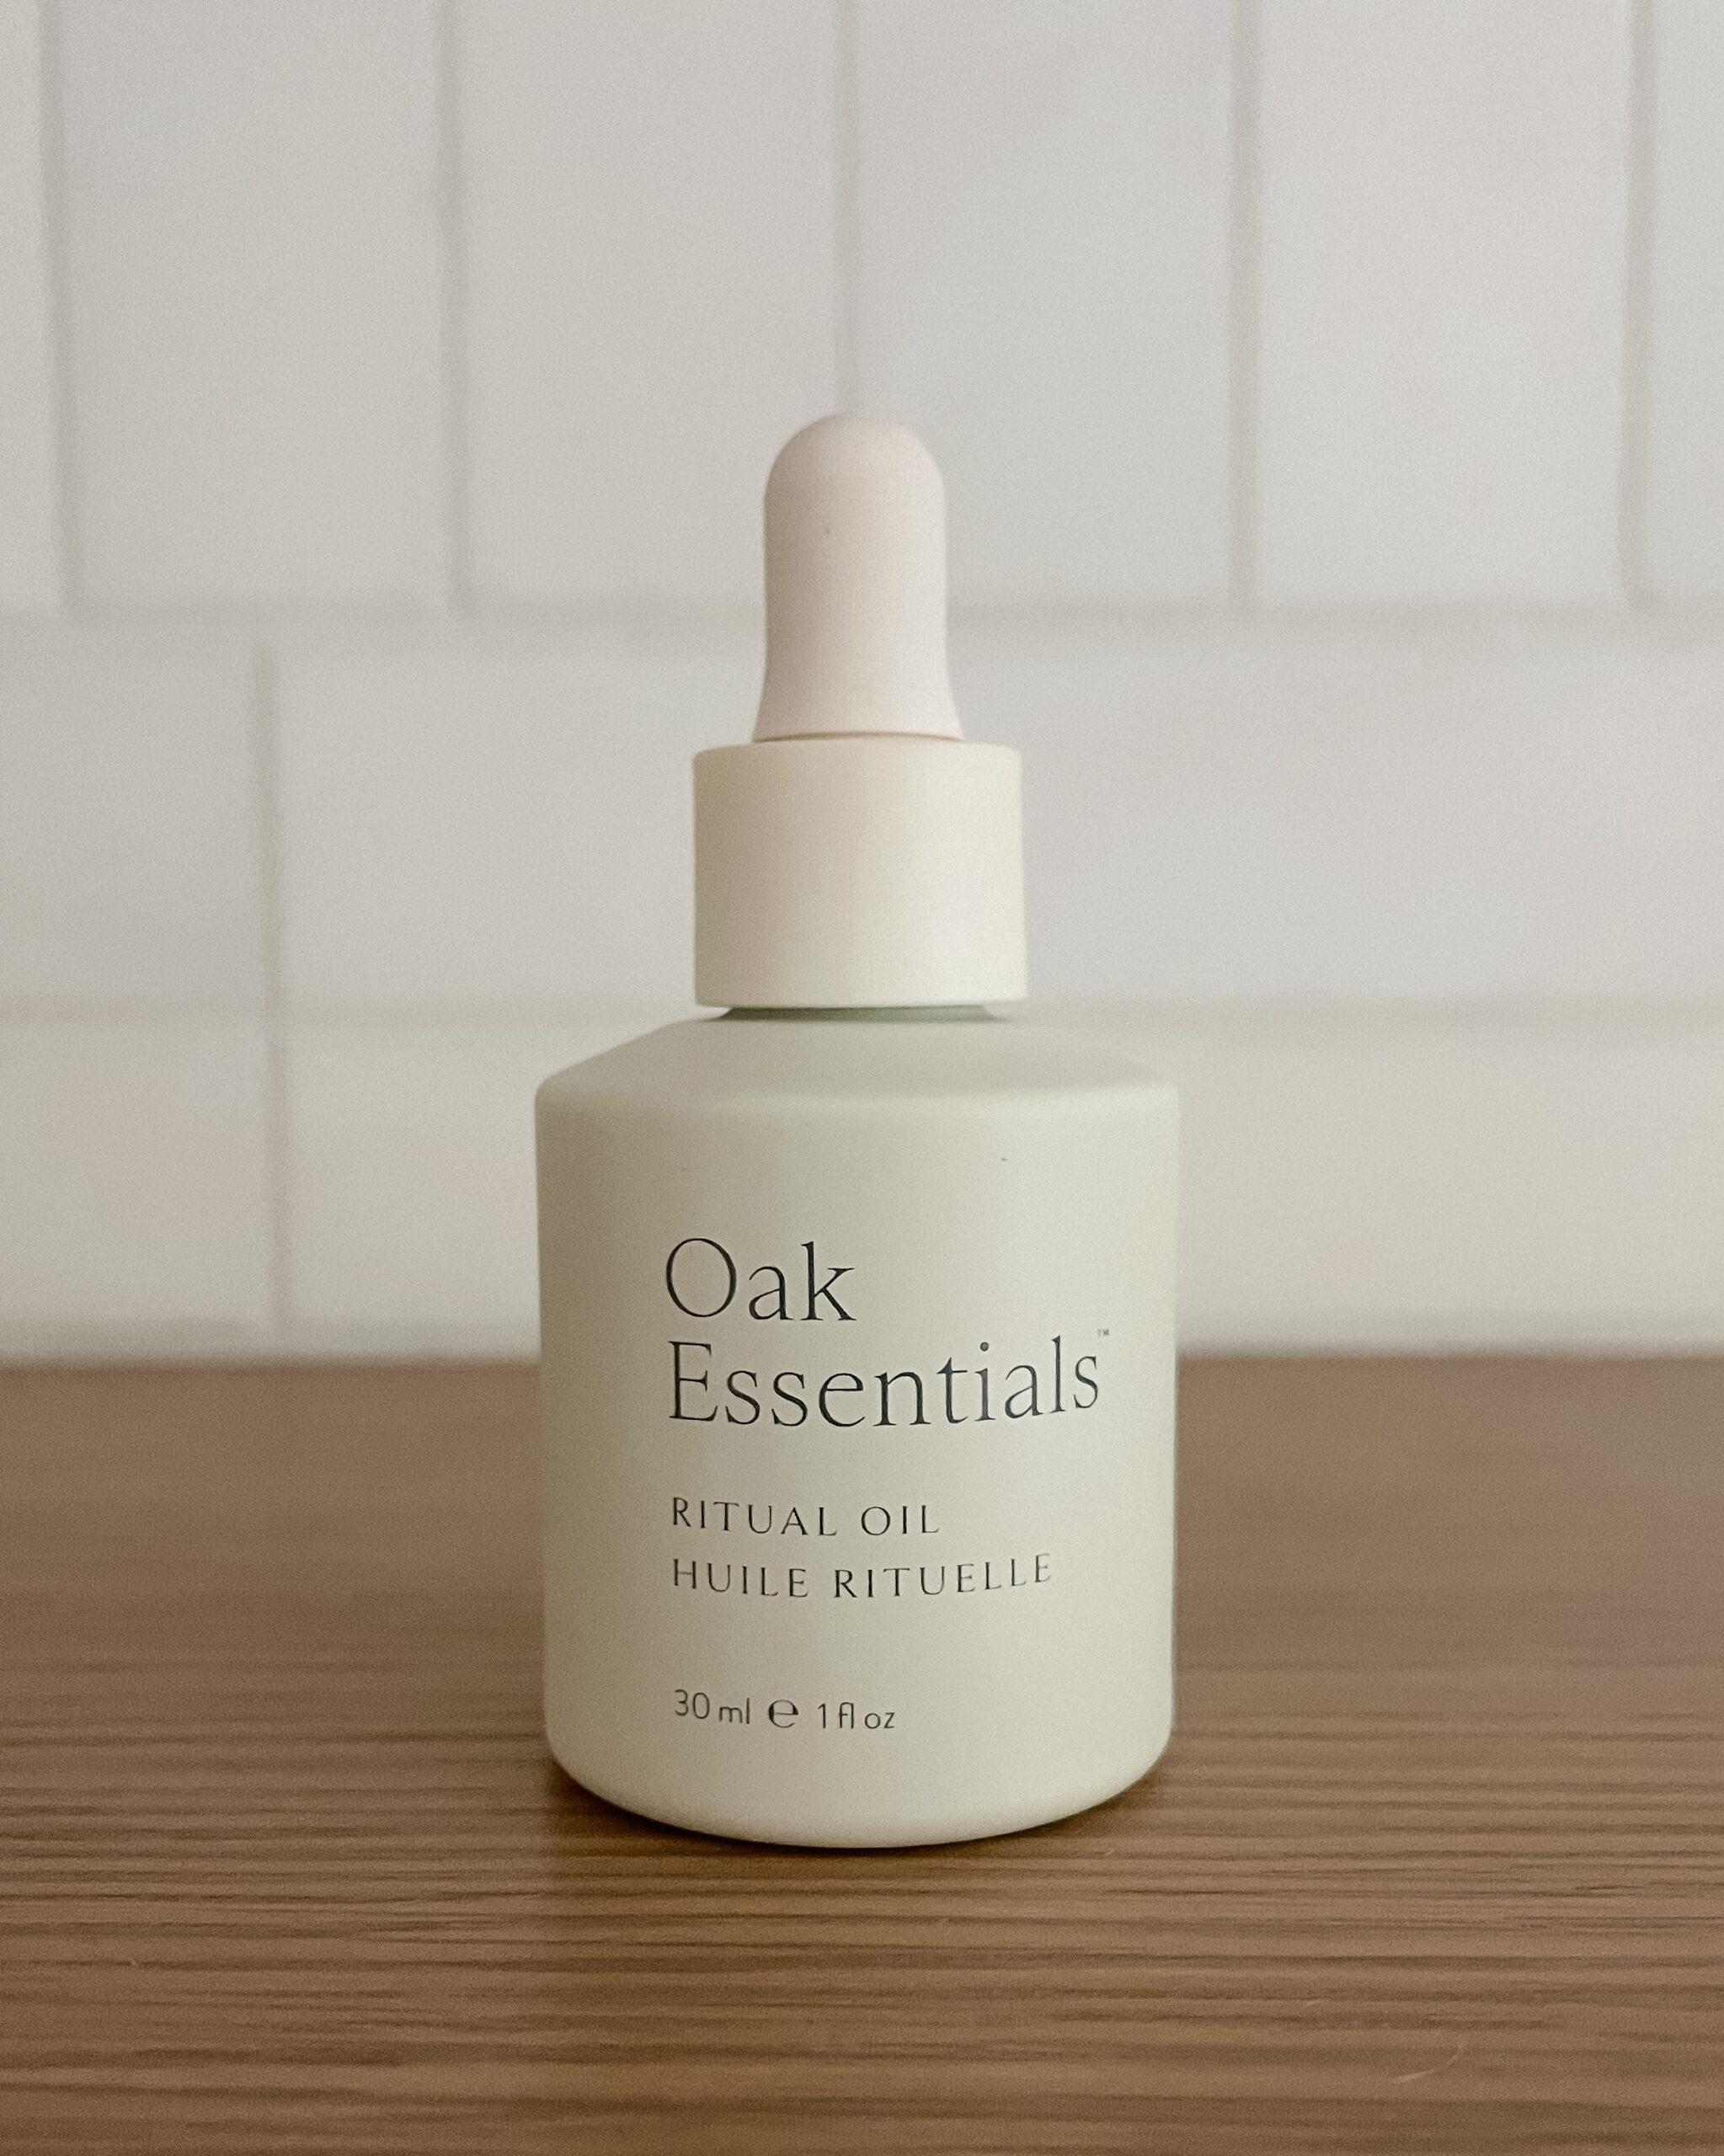 Jenni Kayne Oak Essentials Ritual Oil